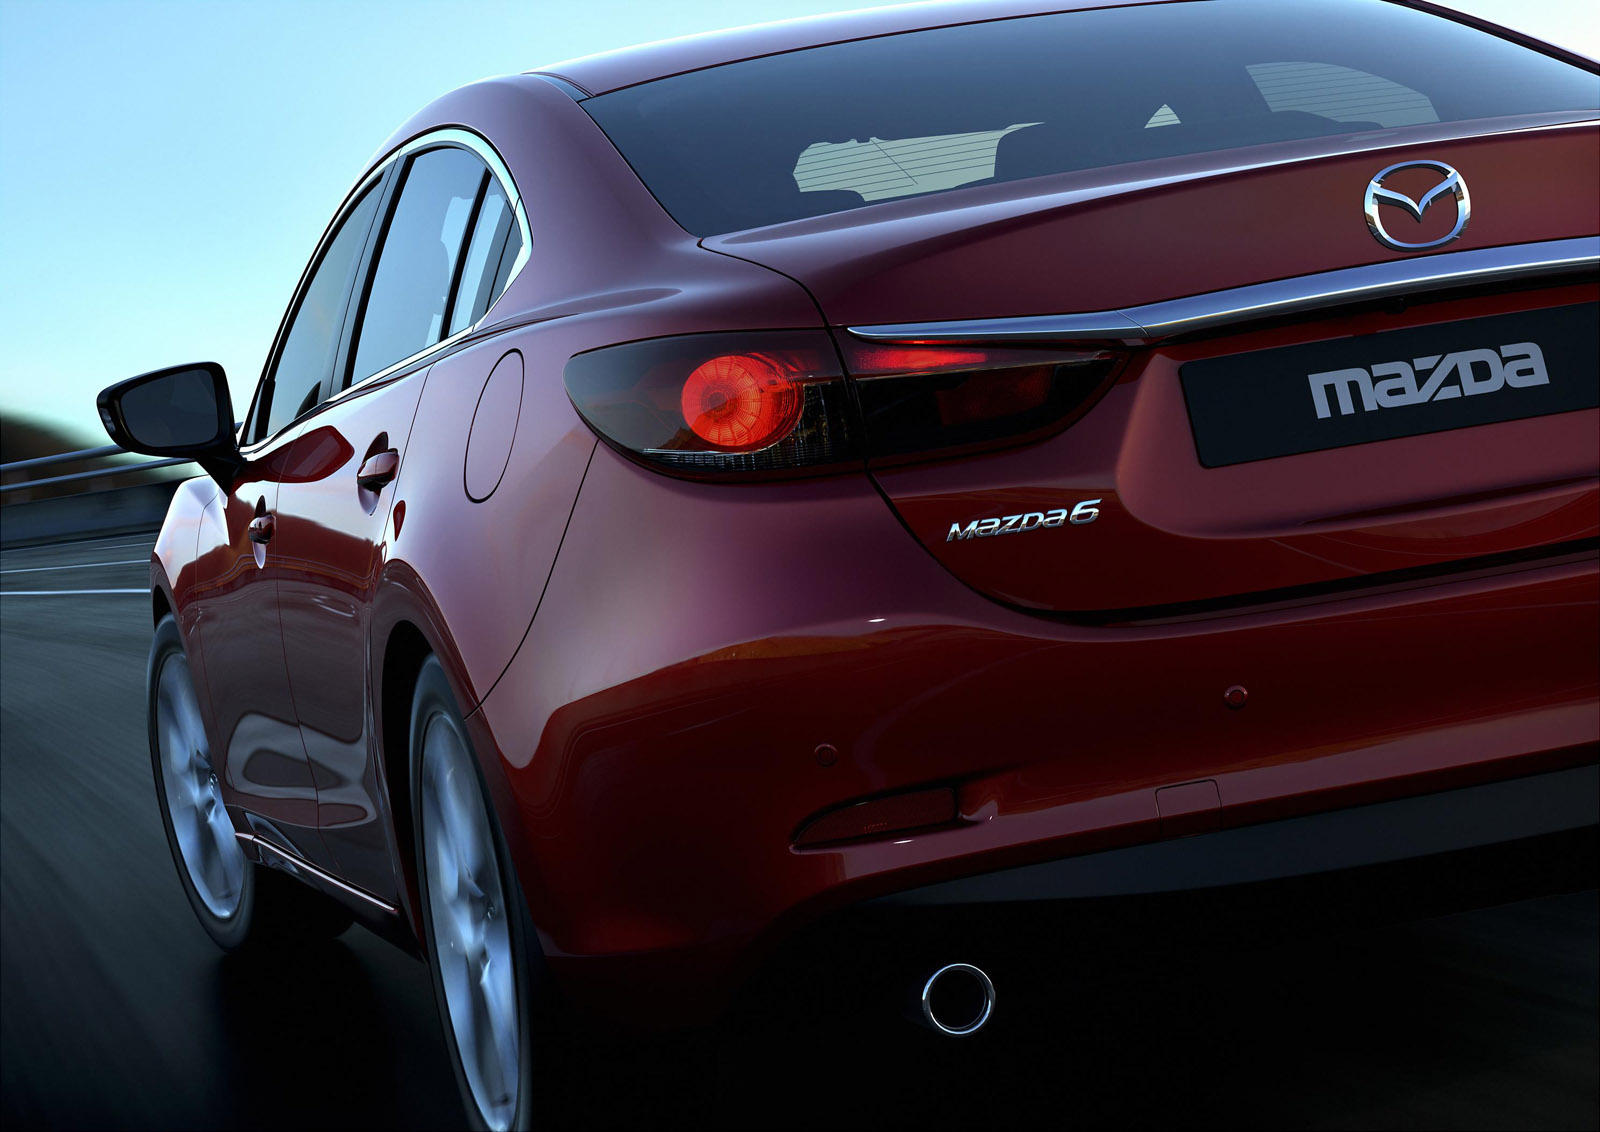 1908_588623_Mazda6_Sedan_2012_action_05